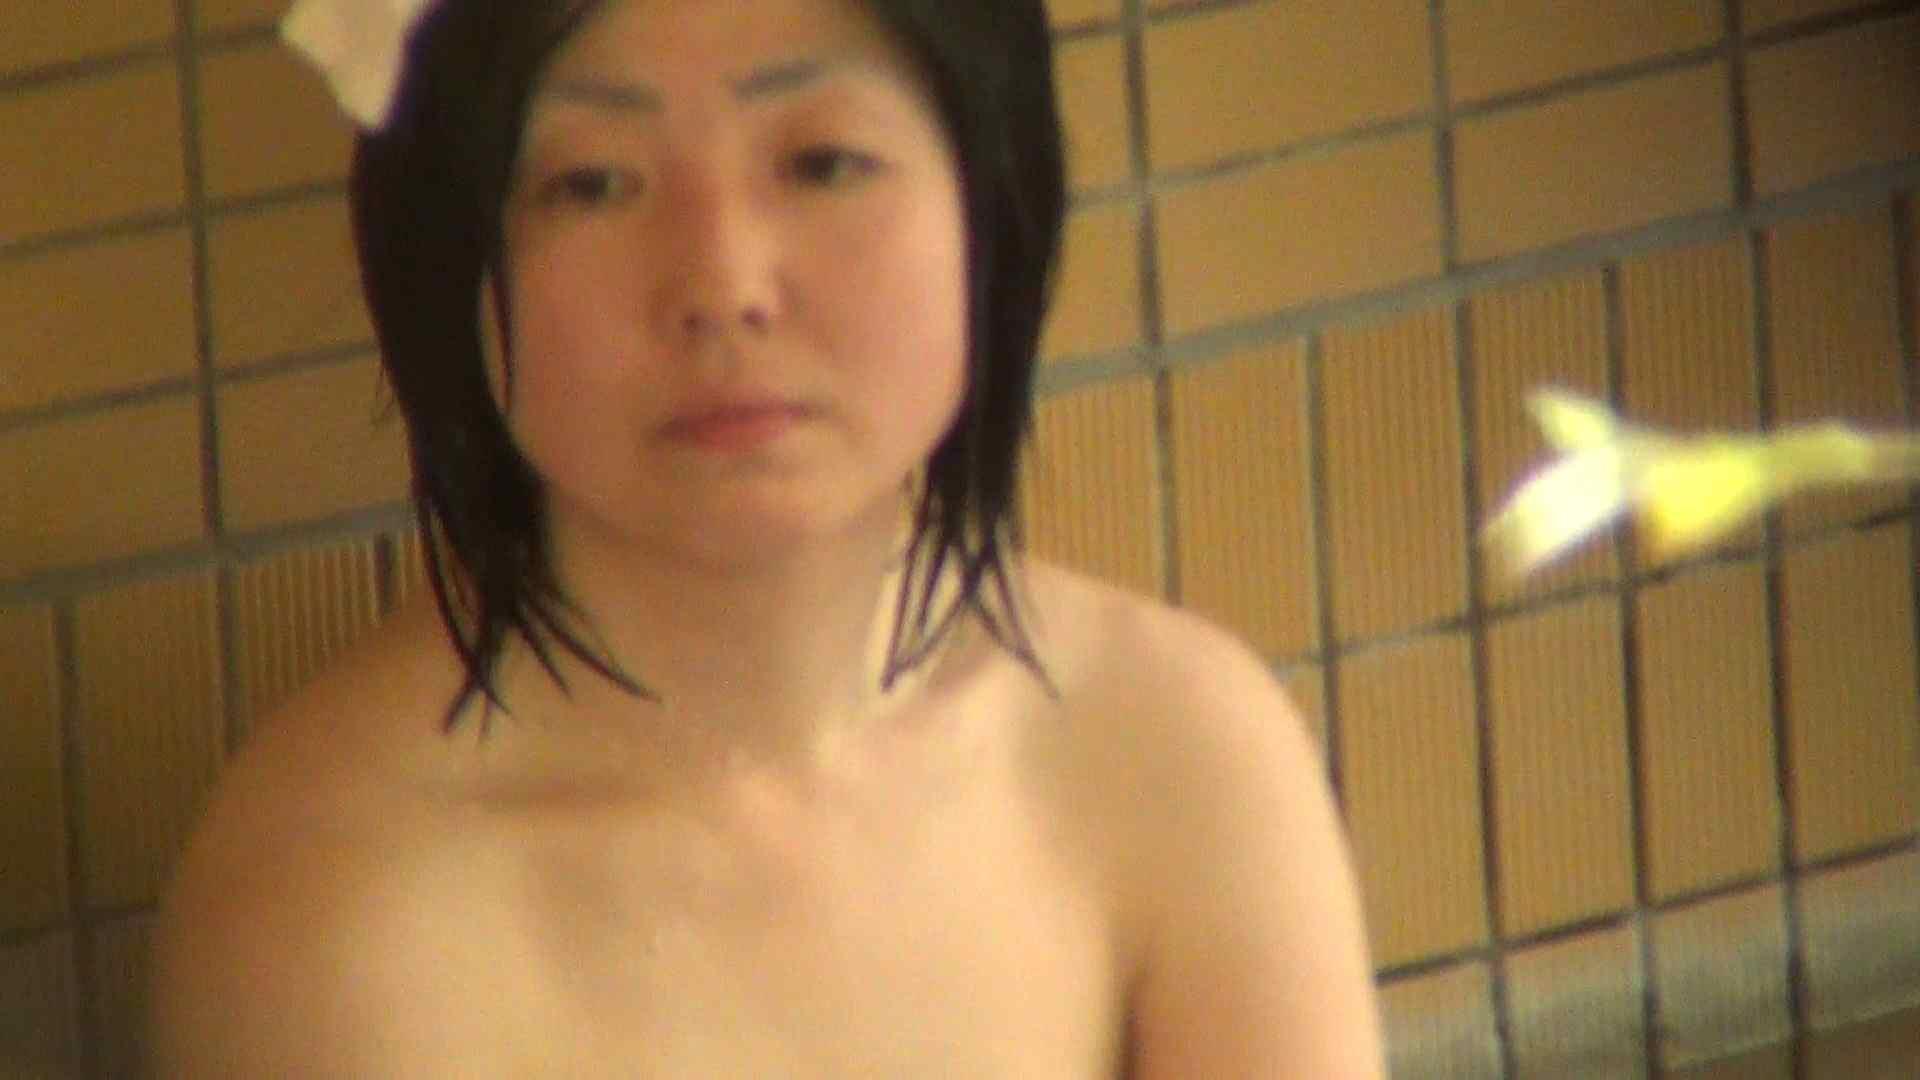 Aquaな露天風呂Vol.313 露天 | 盗撮  61PICs 61